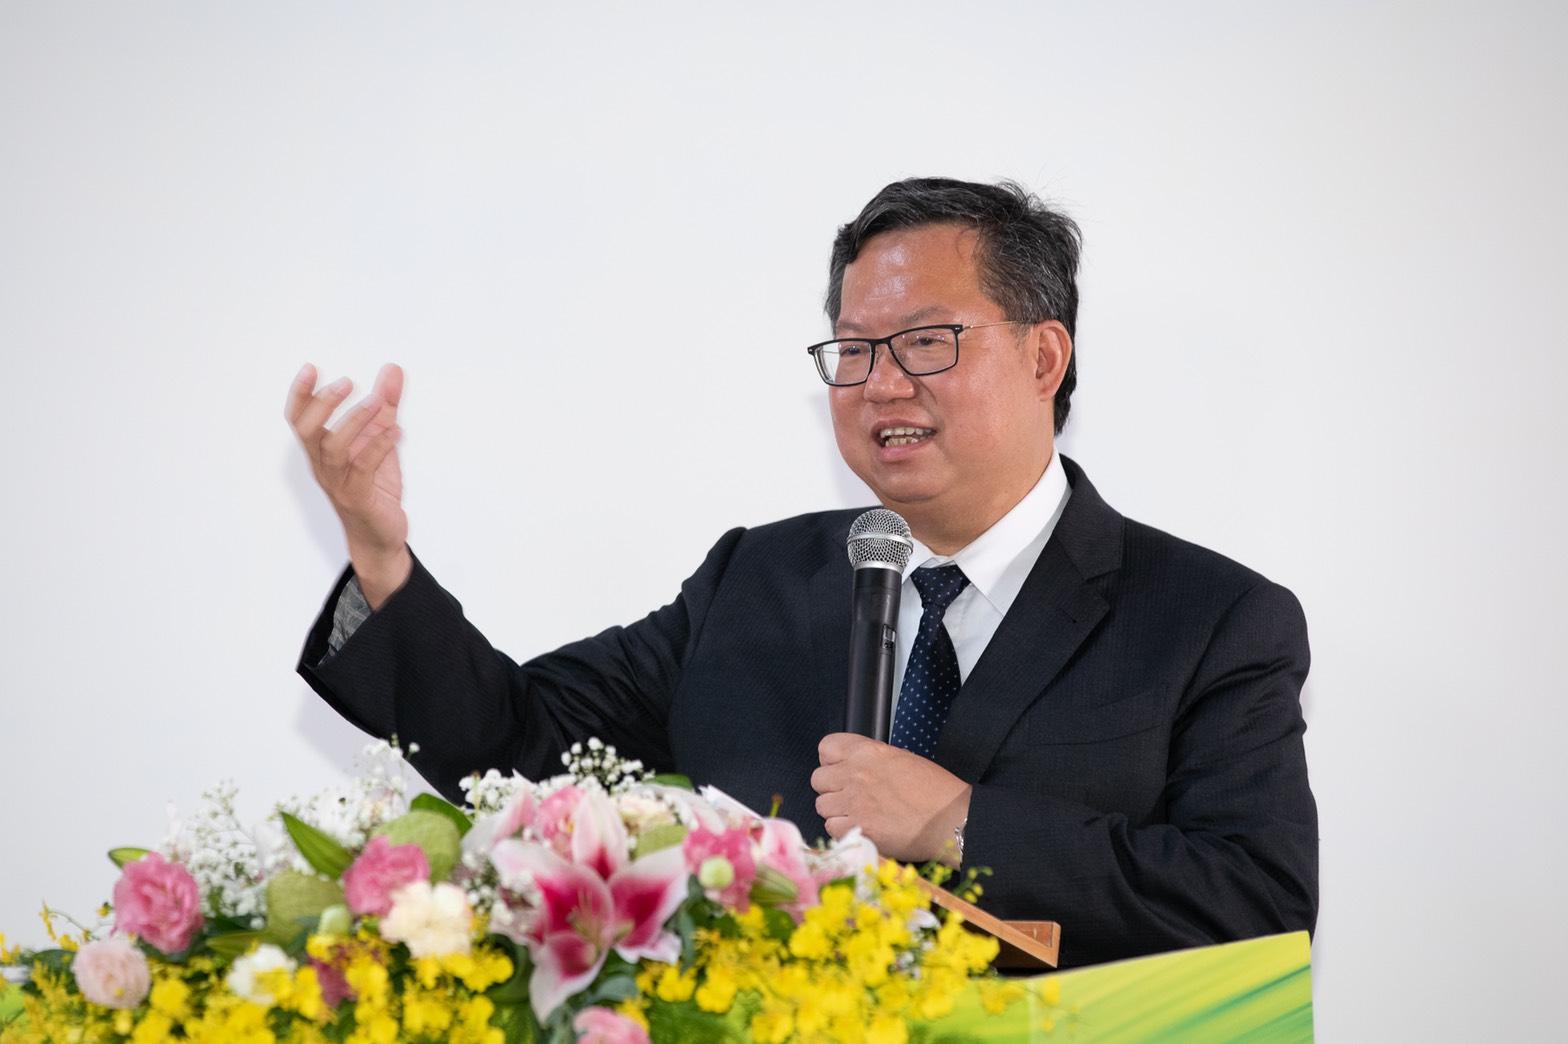 蔡總統參訪桃園軌道願景館-桃園市鄭文燦市長致詞